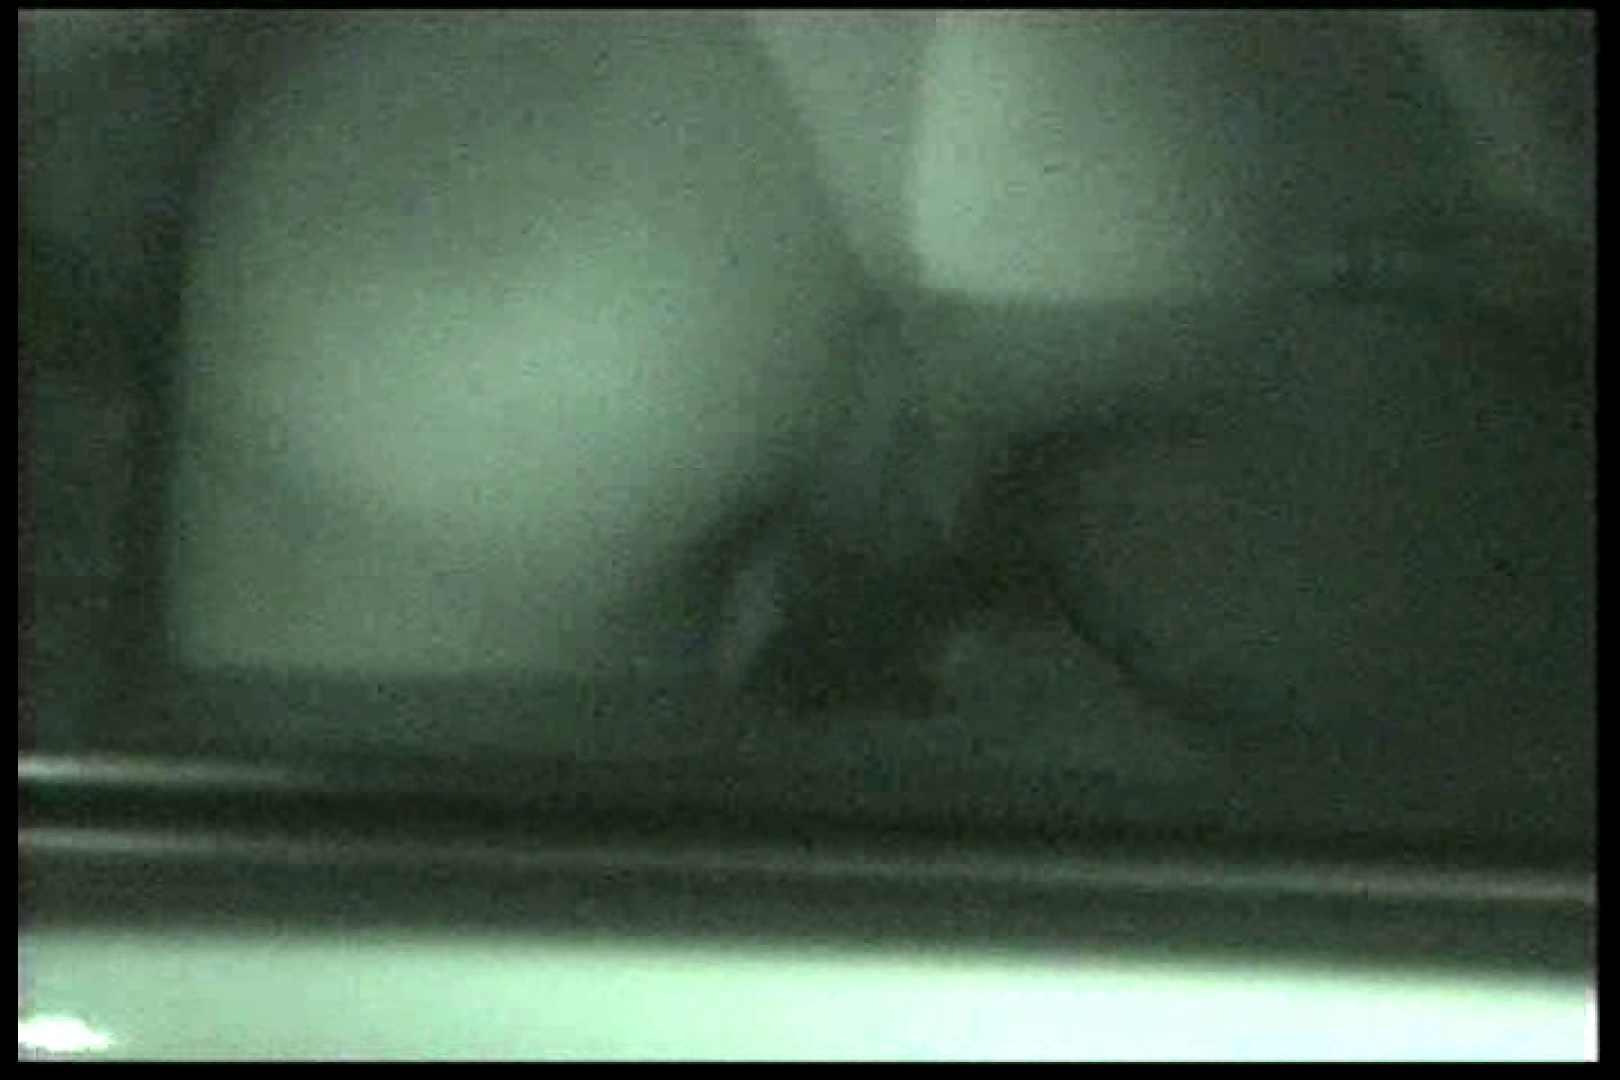 車の中はラブホテル 無修正版  Vol.15 カップル記念日 おまんこ無修正動画無料 73連発 24